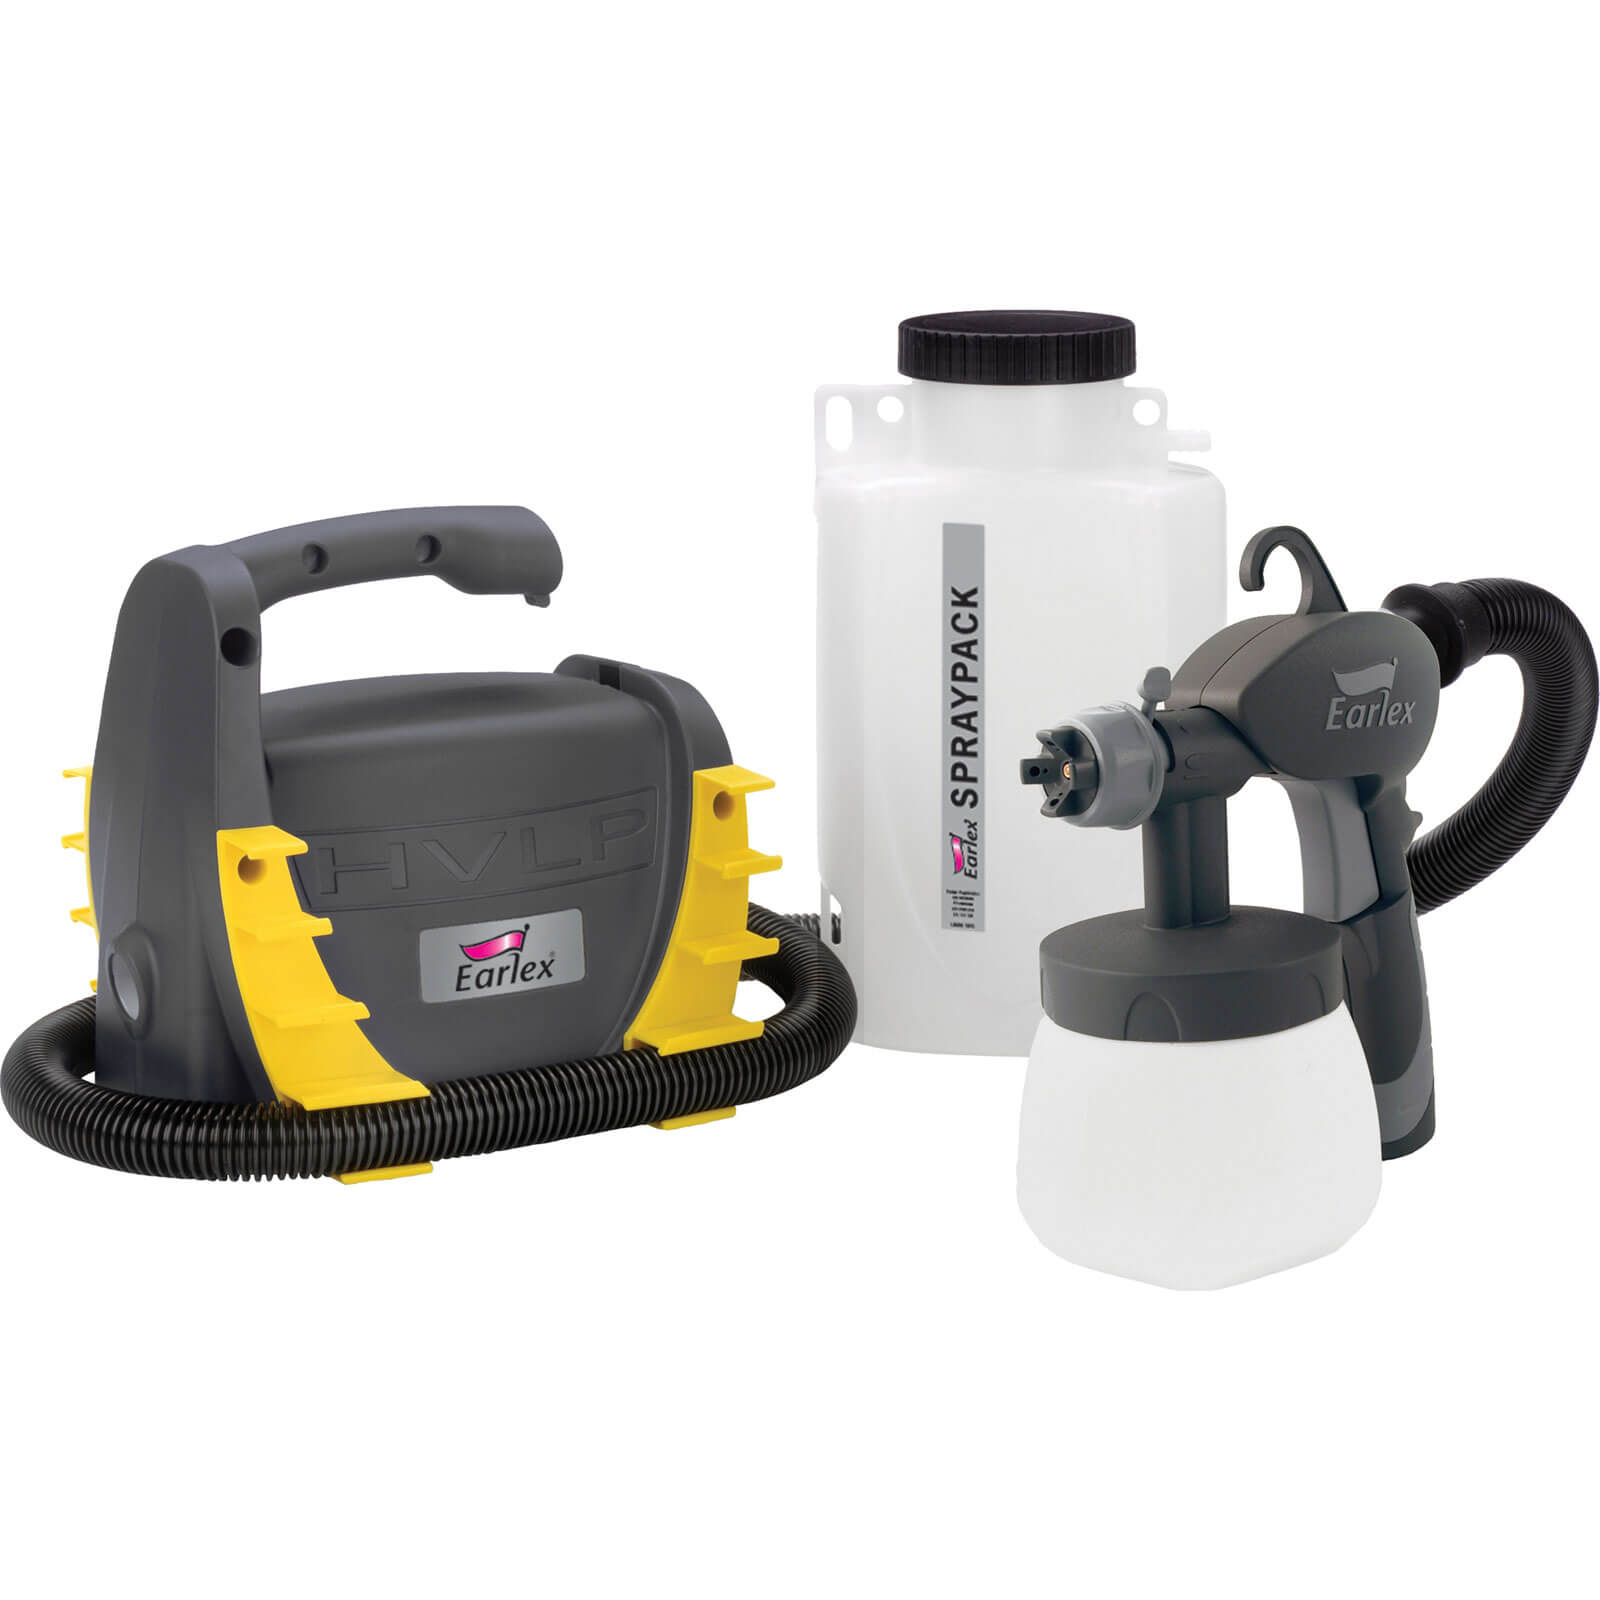 earlex hv3900ukp backpack paint sprayer unit 550w 240v tooled. Black Bedroom Furniture Sets. Home Design Ideas